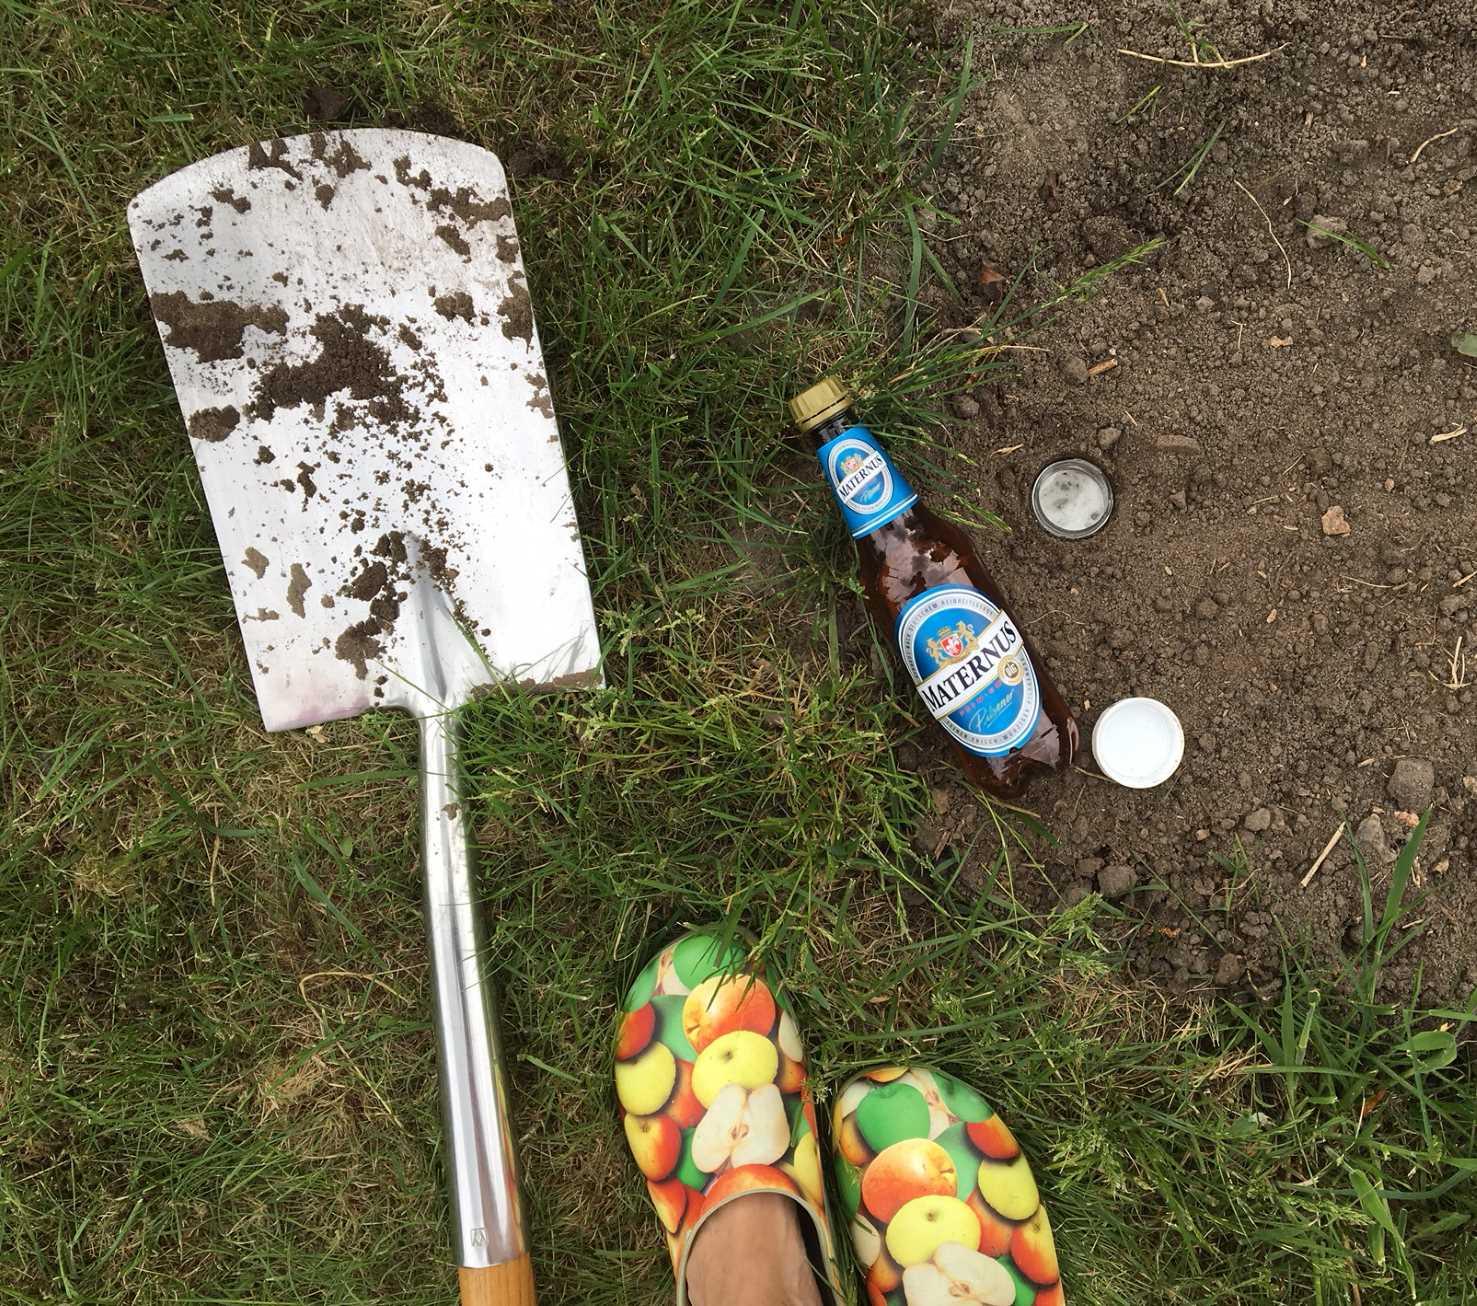 Bier in Falle für Schnecken